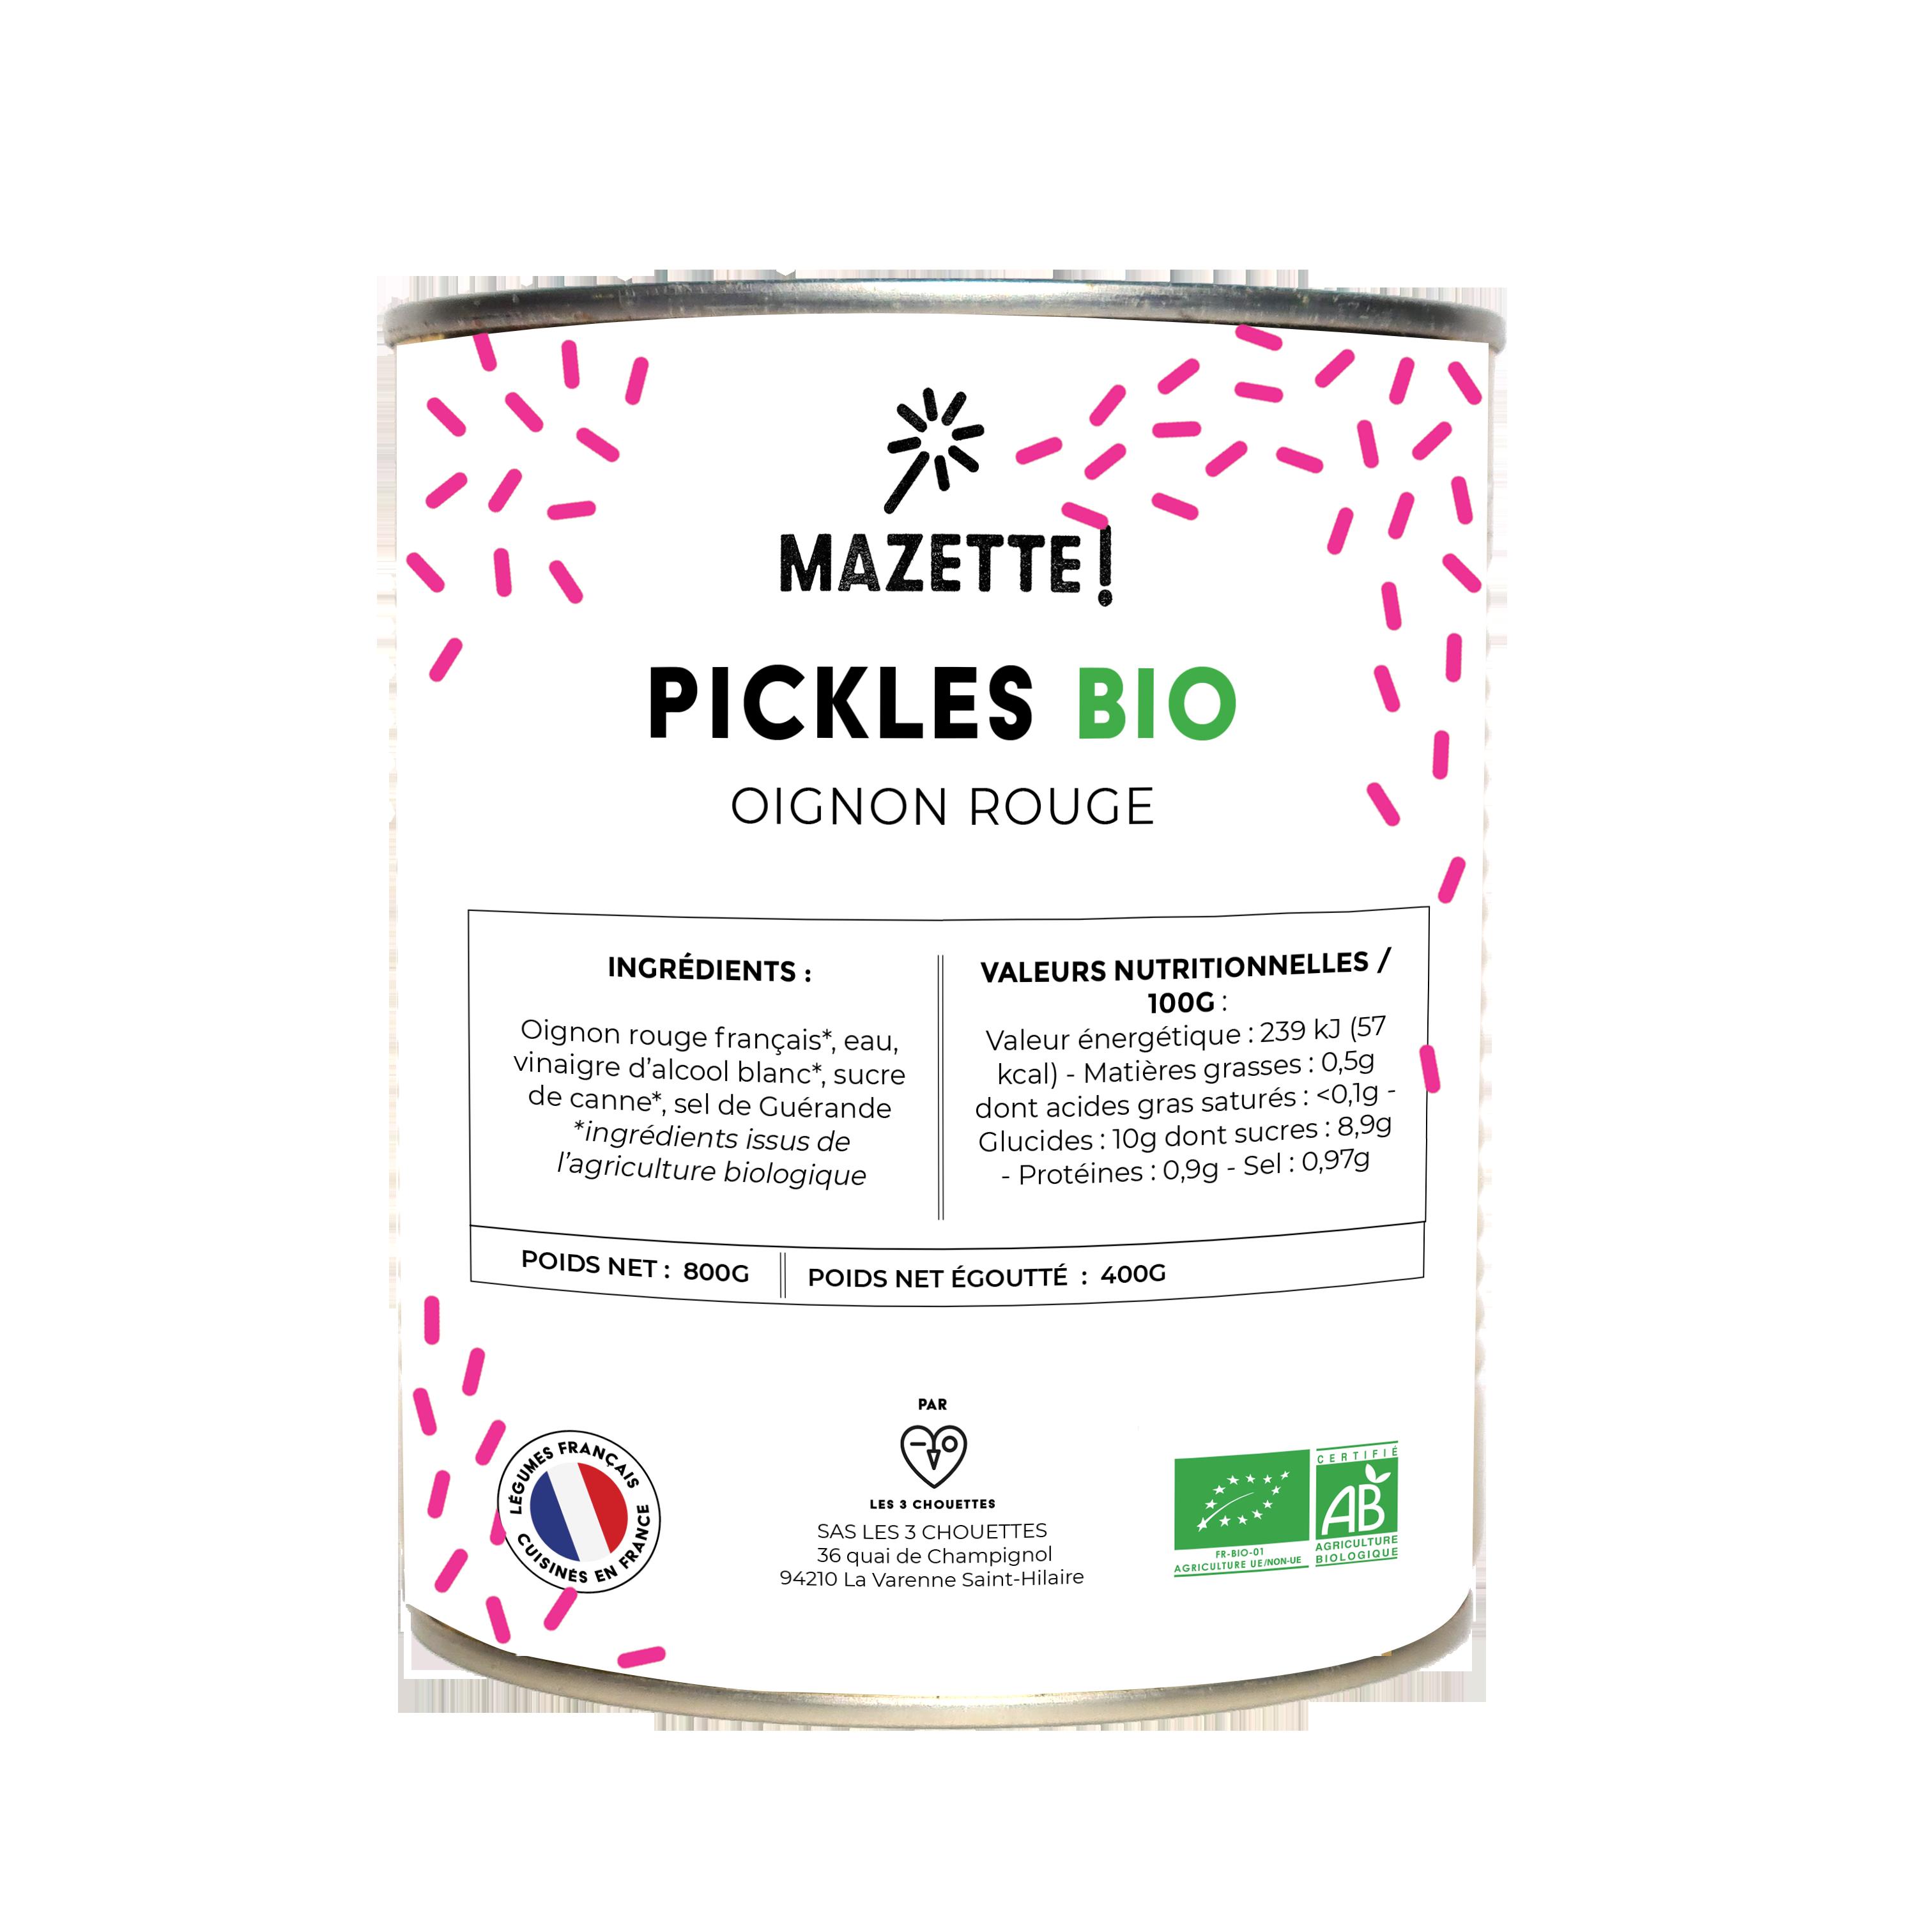 MAZETTE RHF OIGNON ETINCELLES V2 1 - MAZETTE! Des pickles pour les chefs